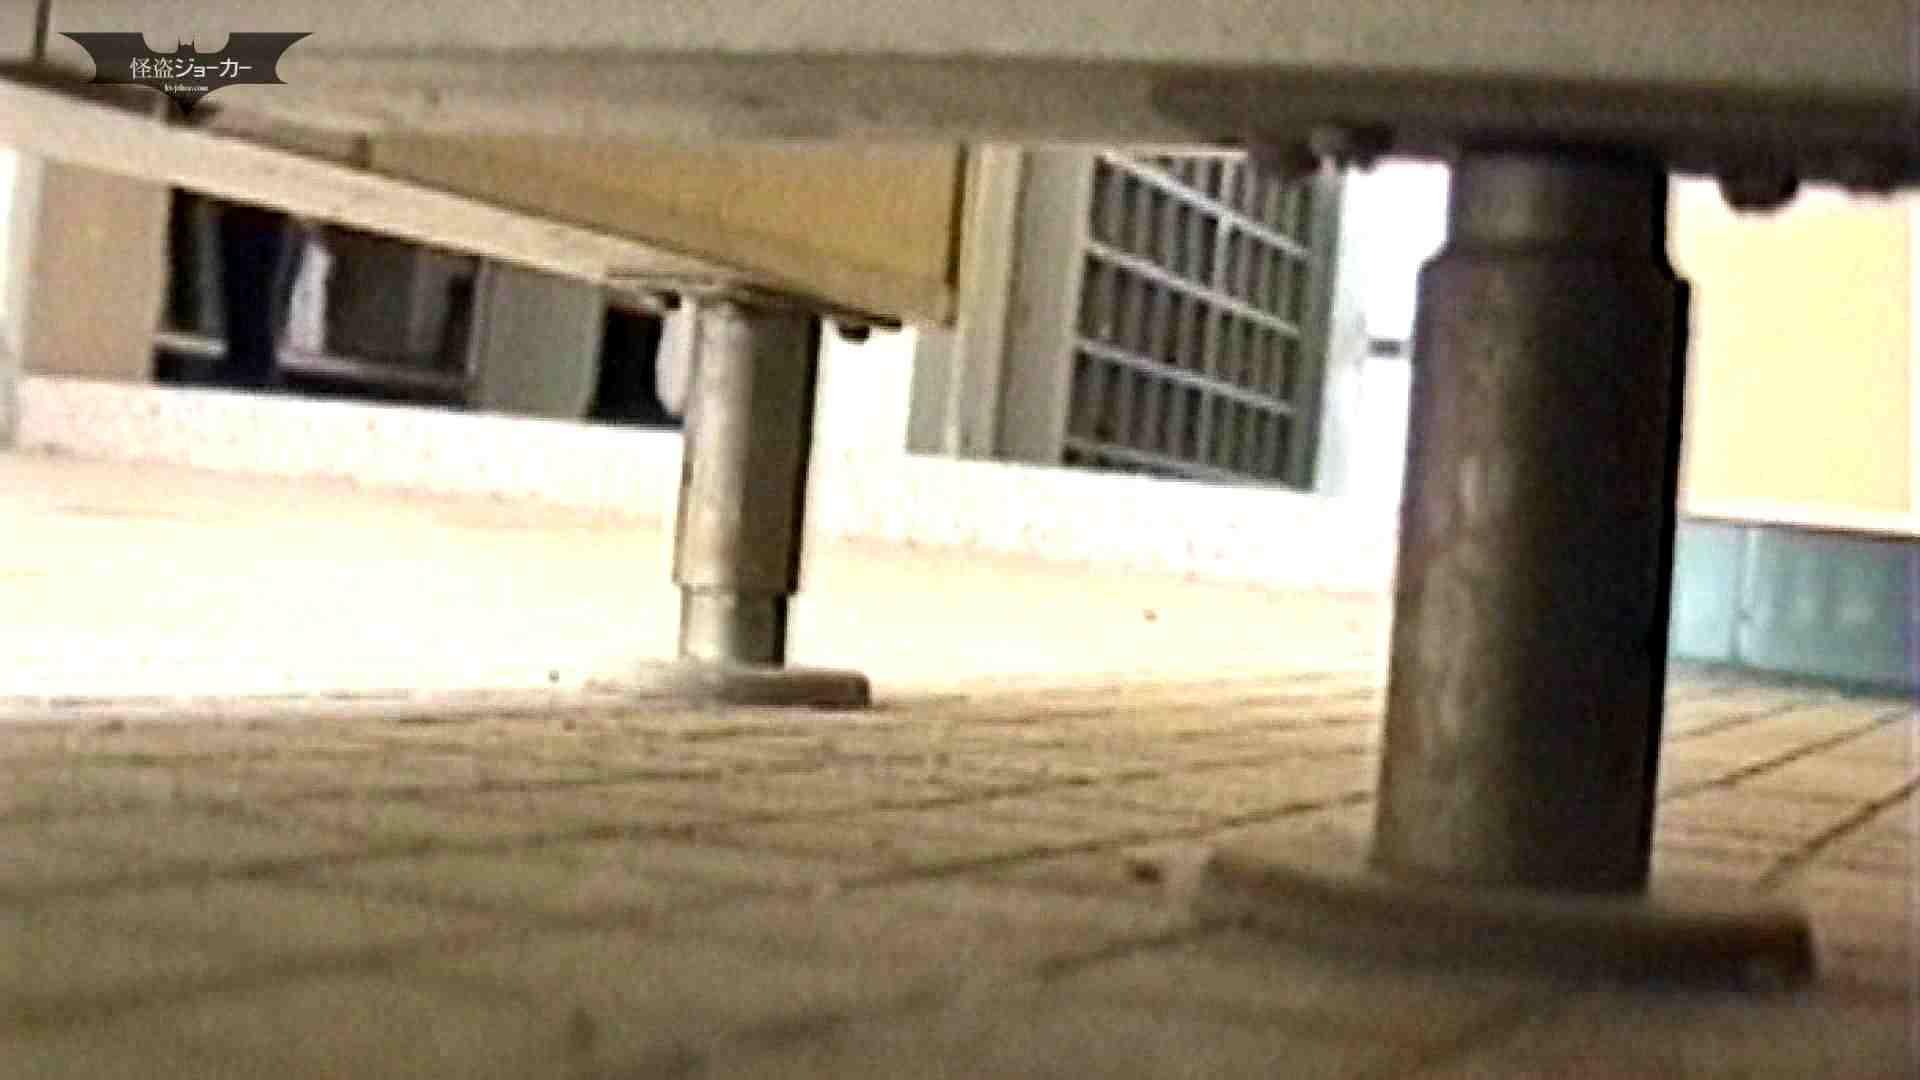 女の子の休み時間のひととき Vol.02 隠れた名作 オマンコ動画キャプチャ 78画像 78